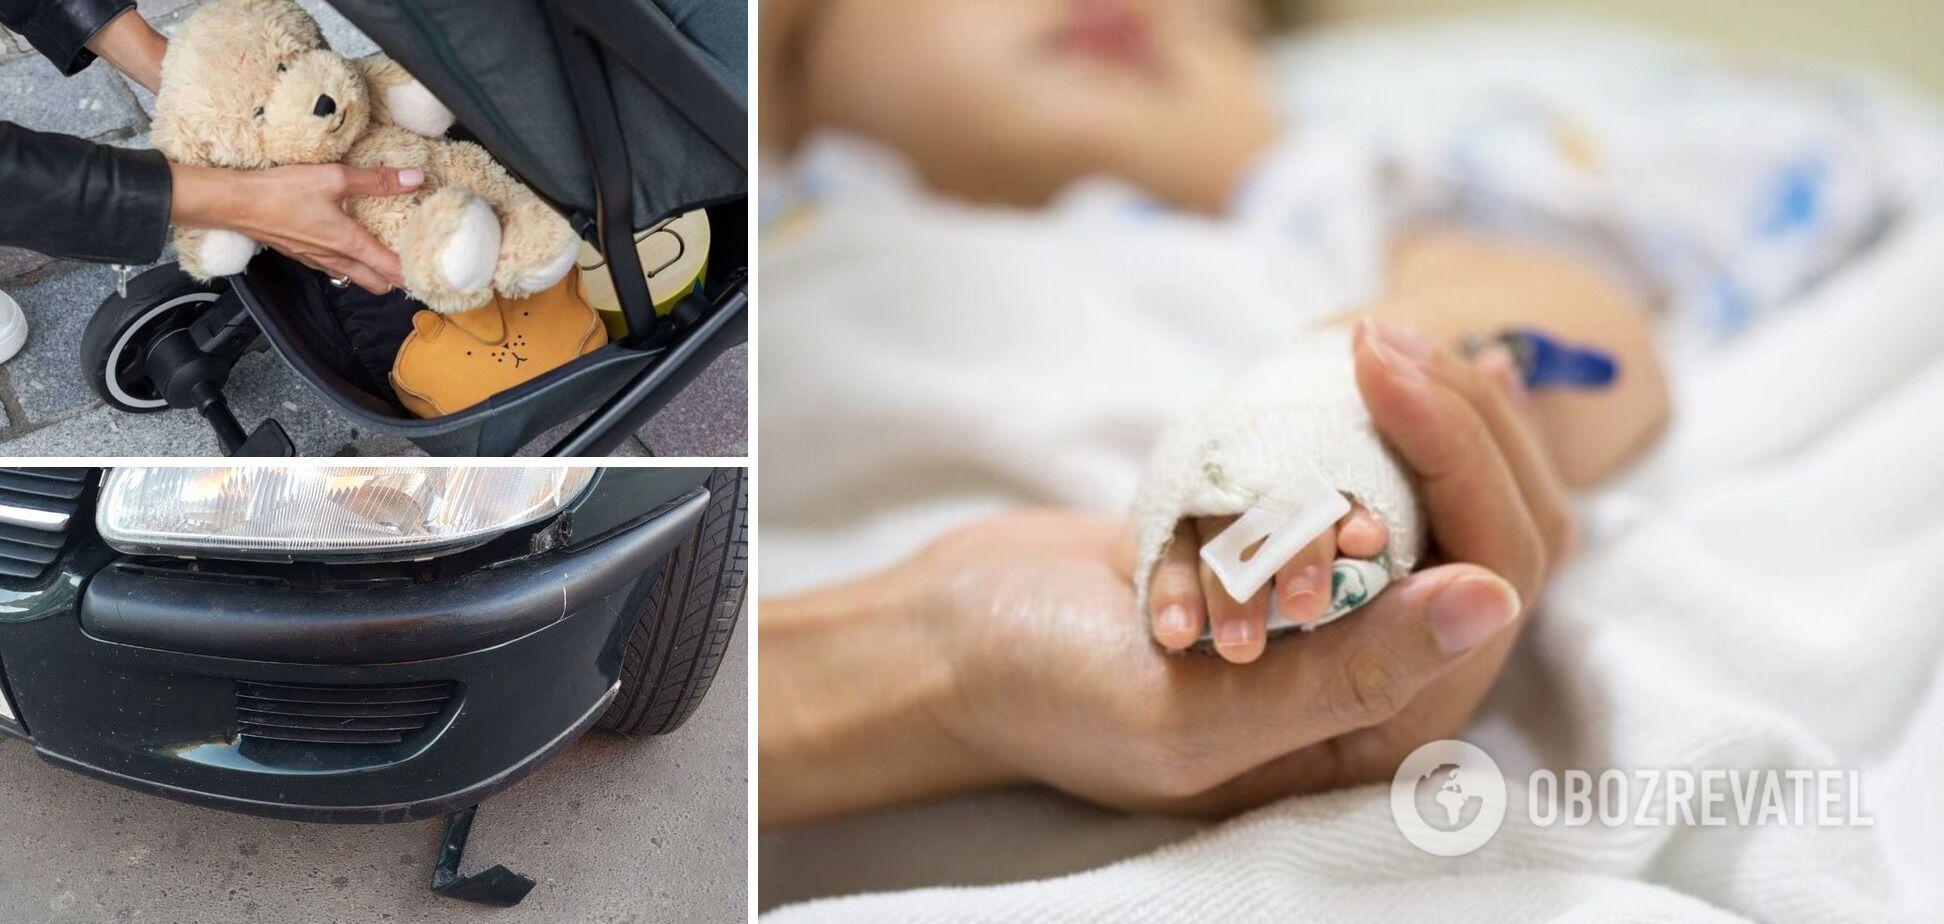 На Рівненщині авто збило коляску з дитиною, хлопчик потрапив у реанімацію. Фото